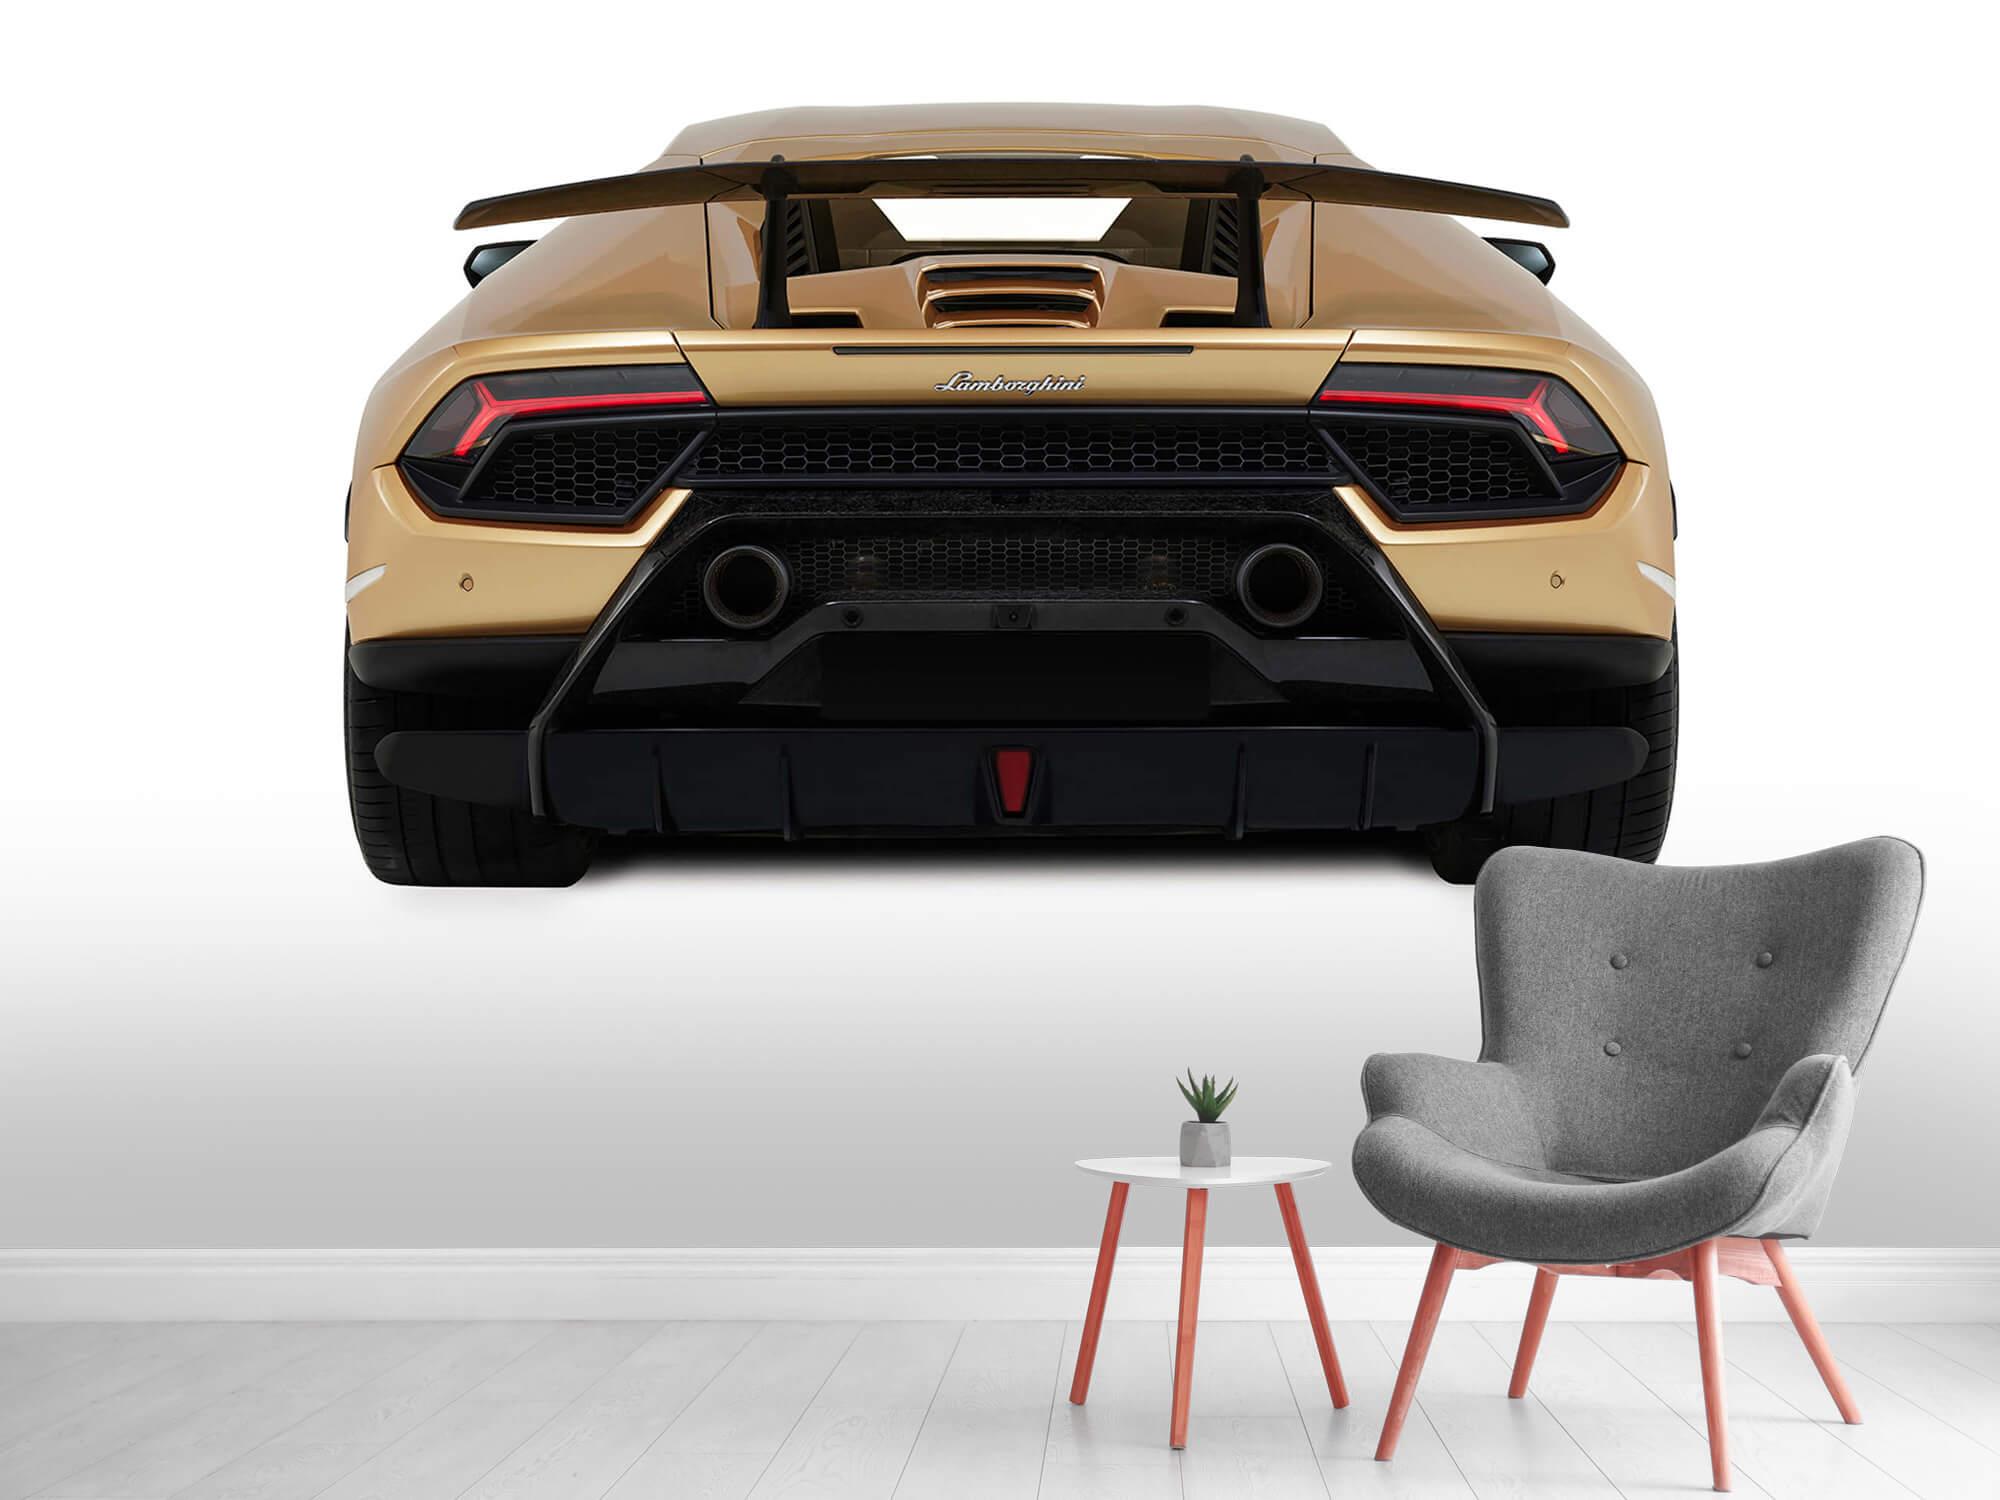 Wallpaper Lamborghini Huracán - Bak, vit 5